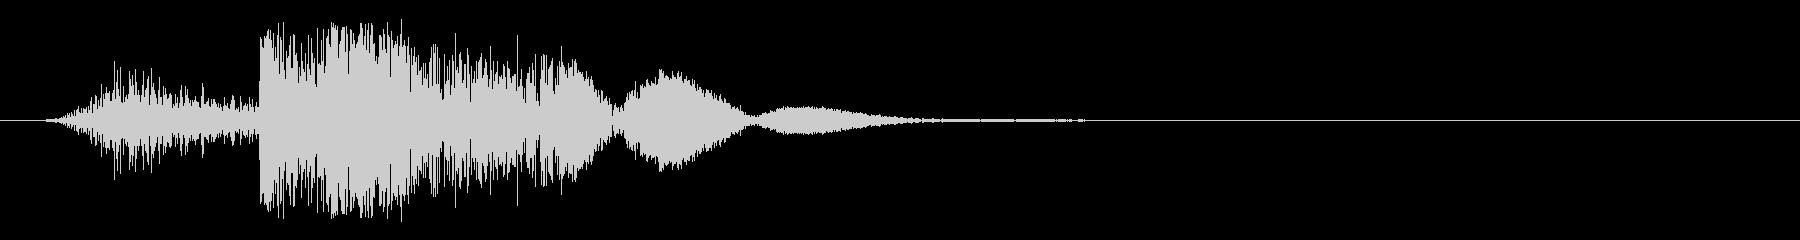 重金属への弾丸の影響Bullet ...の未再生の波形